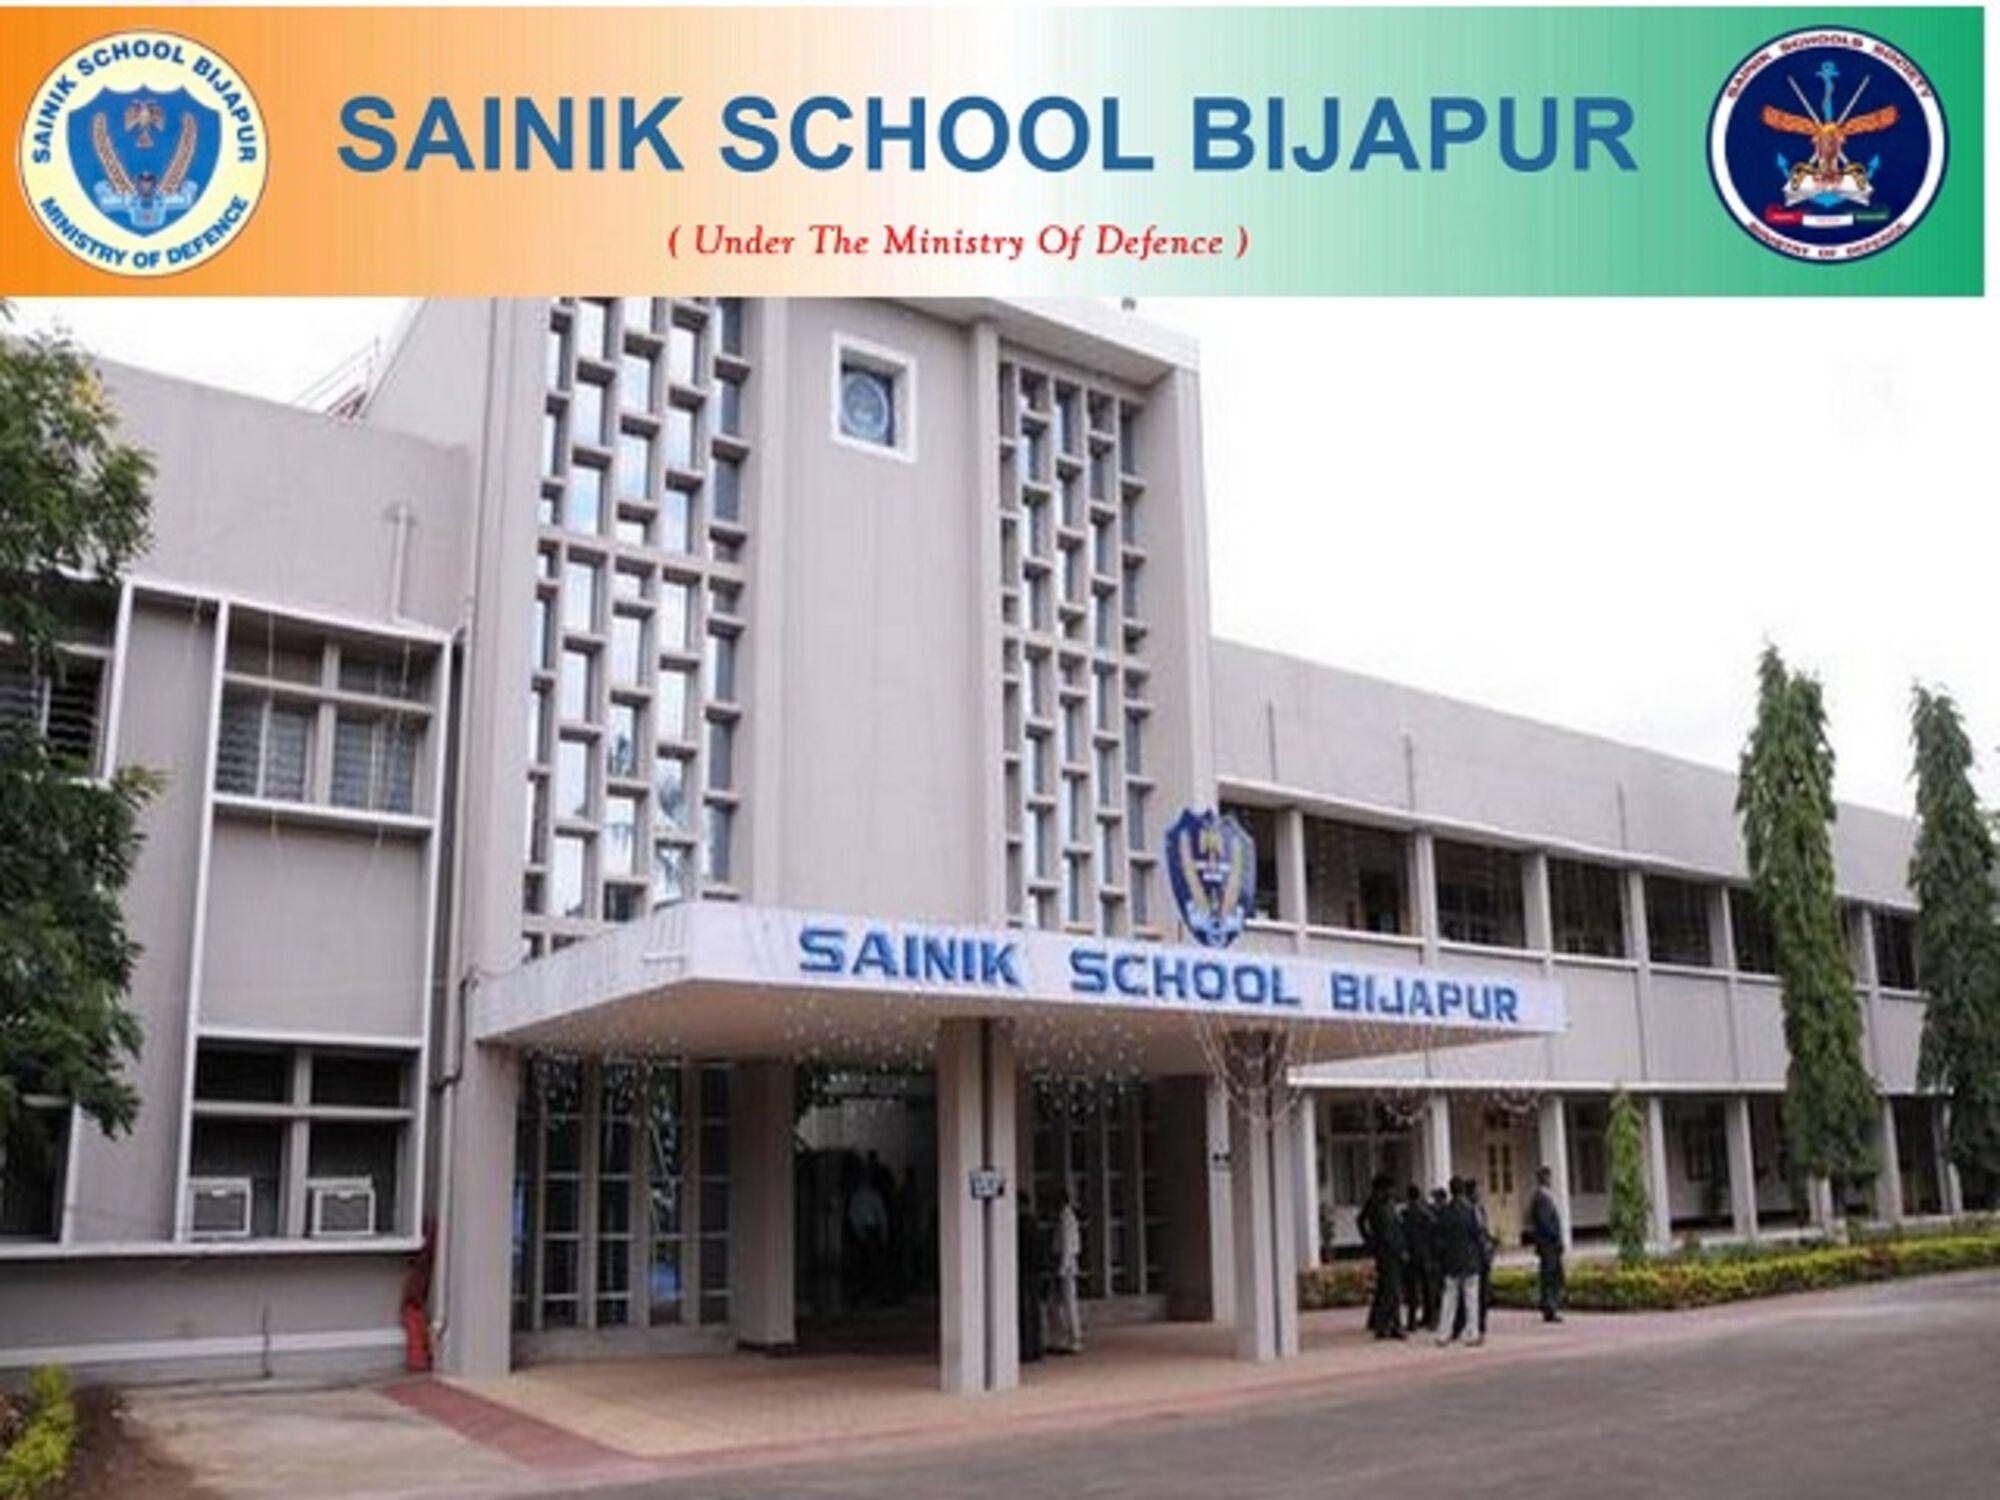 Sainik School Bijapur